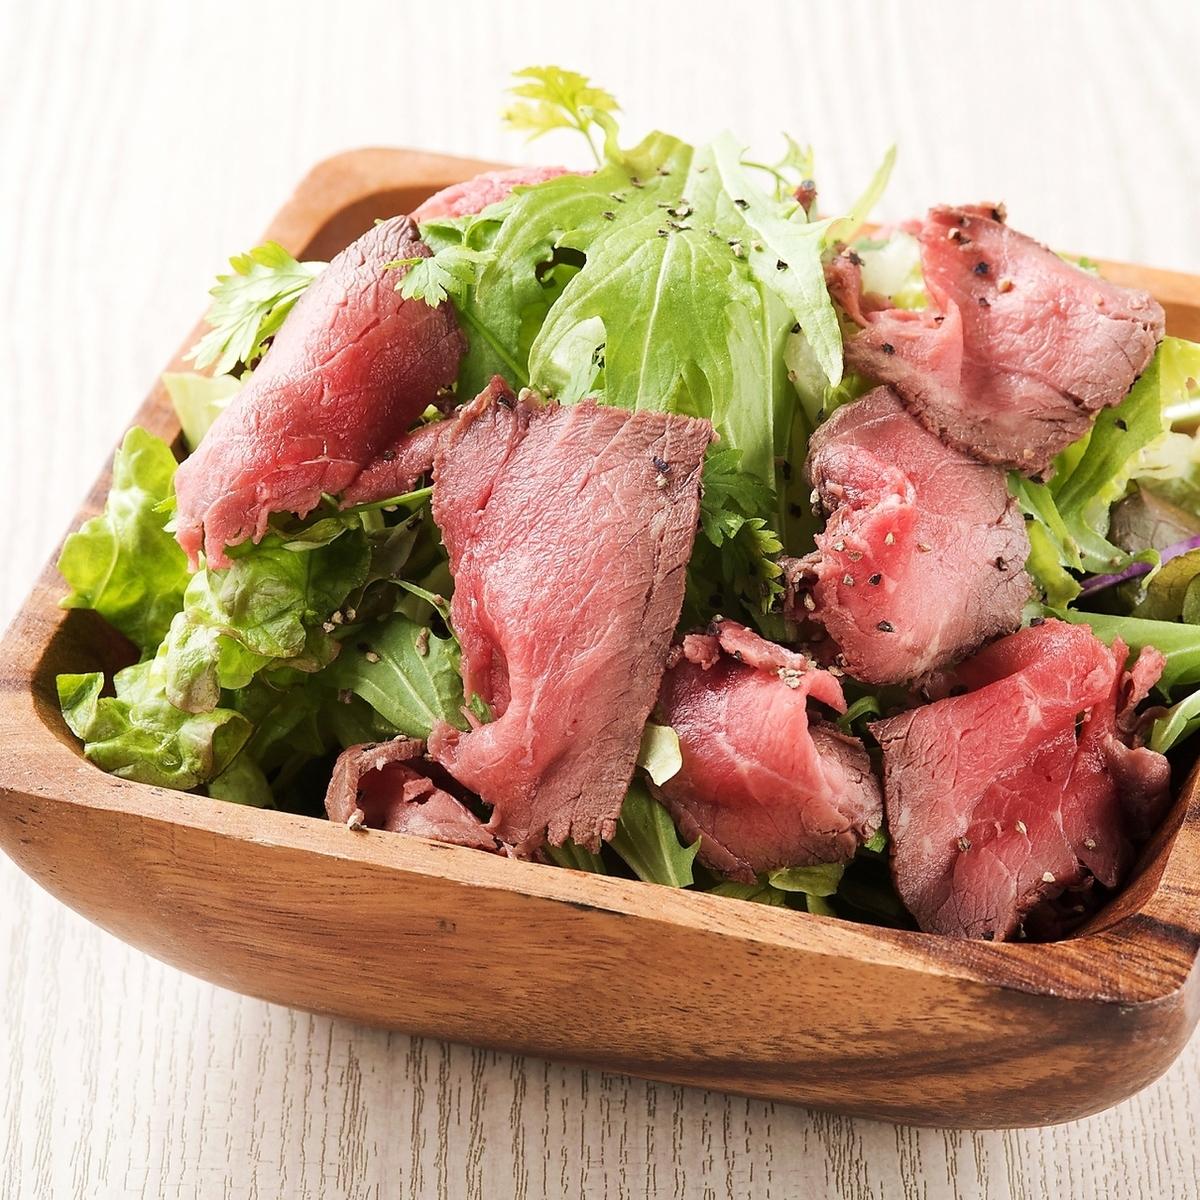 烤牛肉沙拉配黑胡椒味